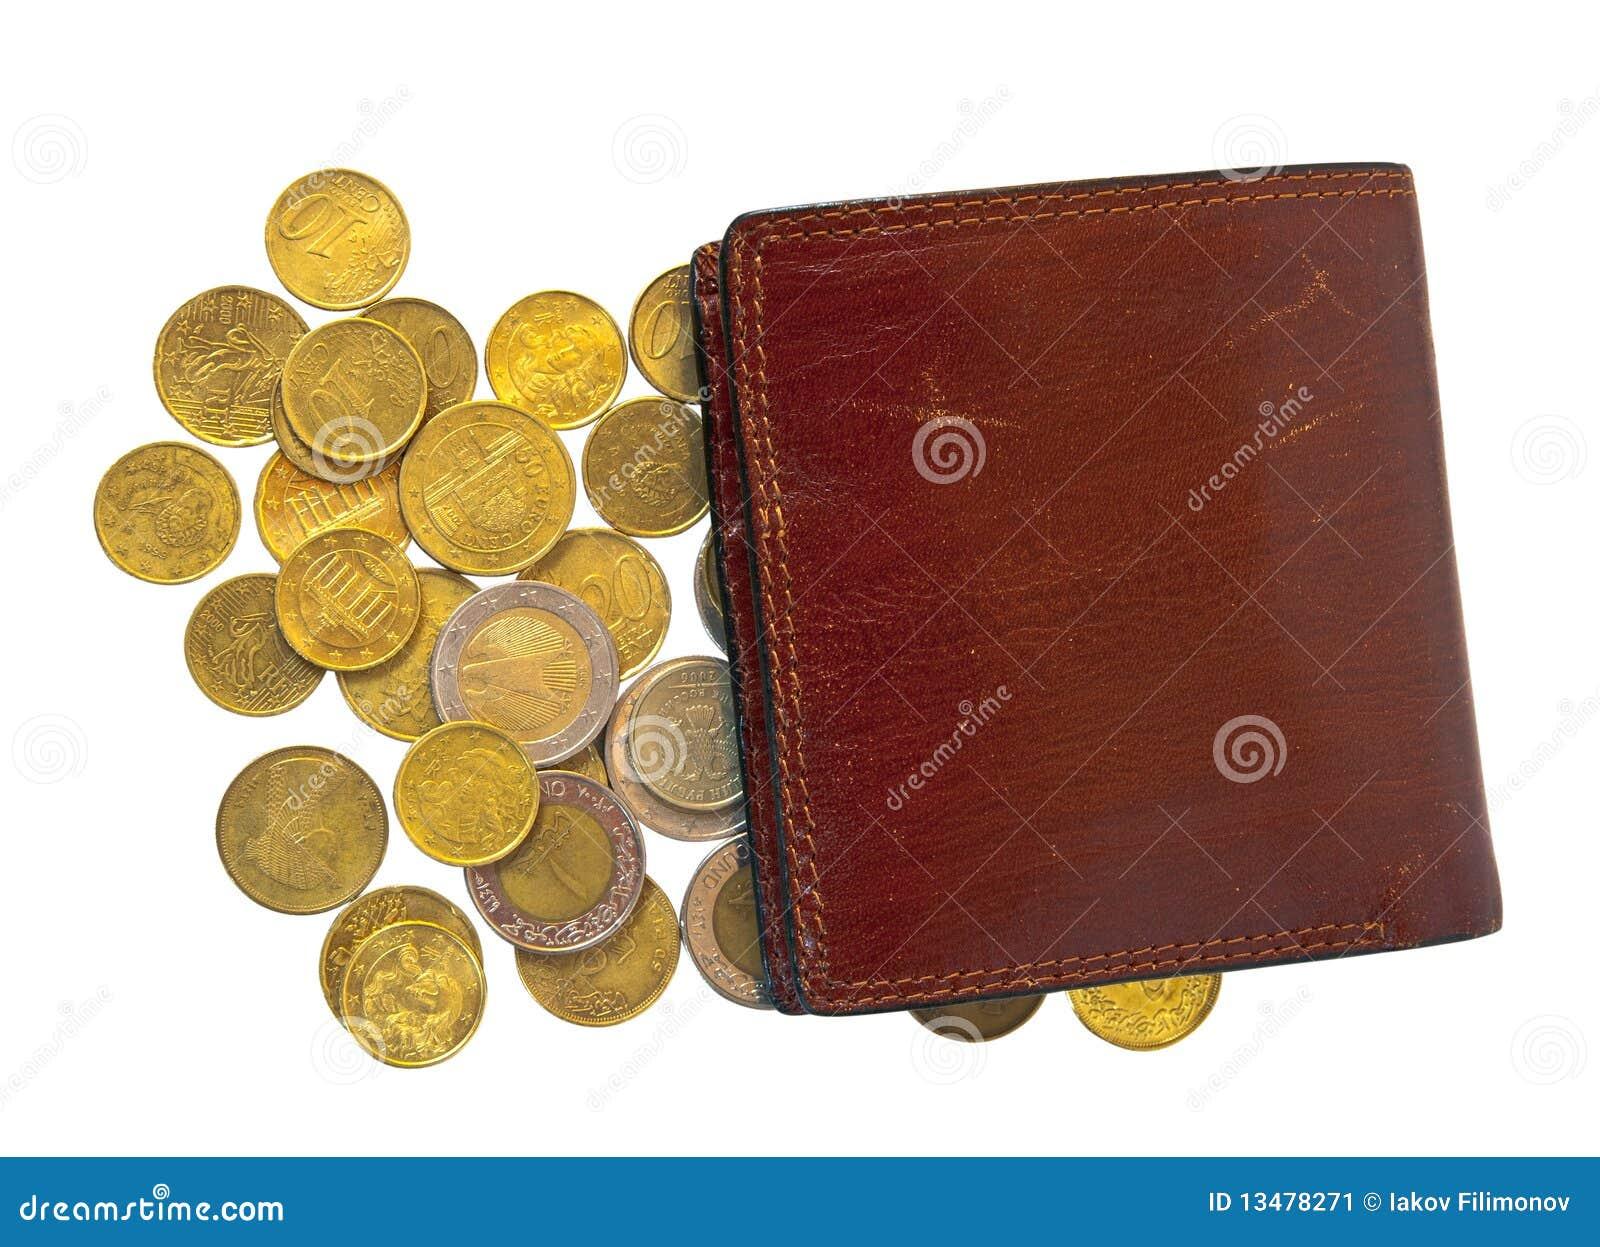 Wenige Münzen Und Mappe Stockbild Bild Von Papier Europäisch